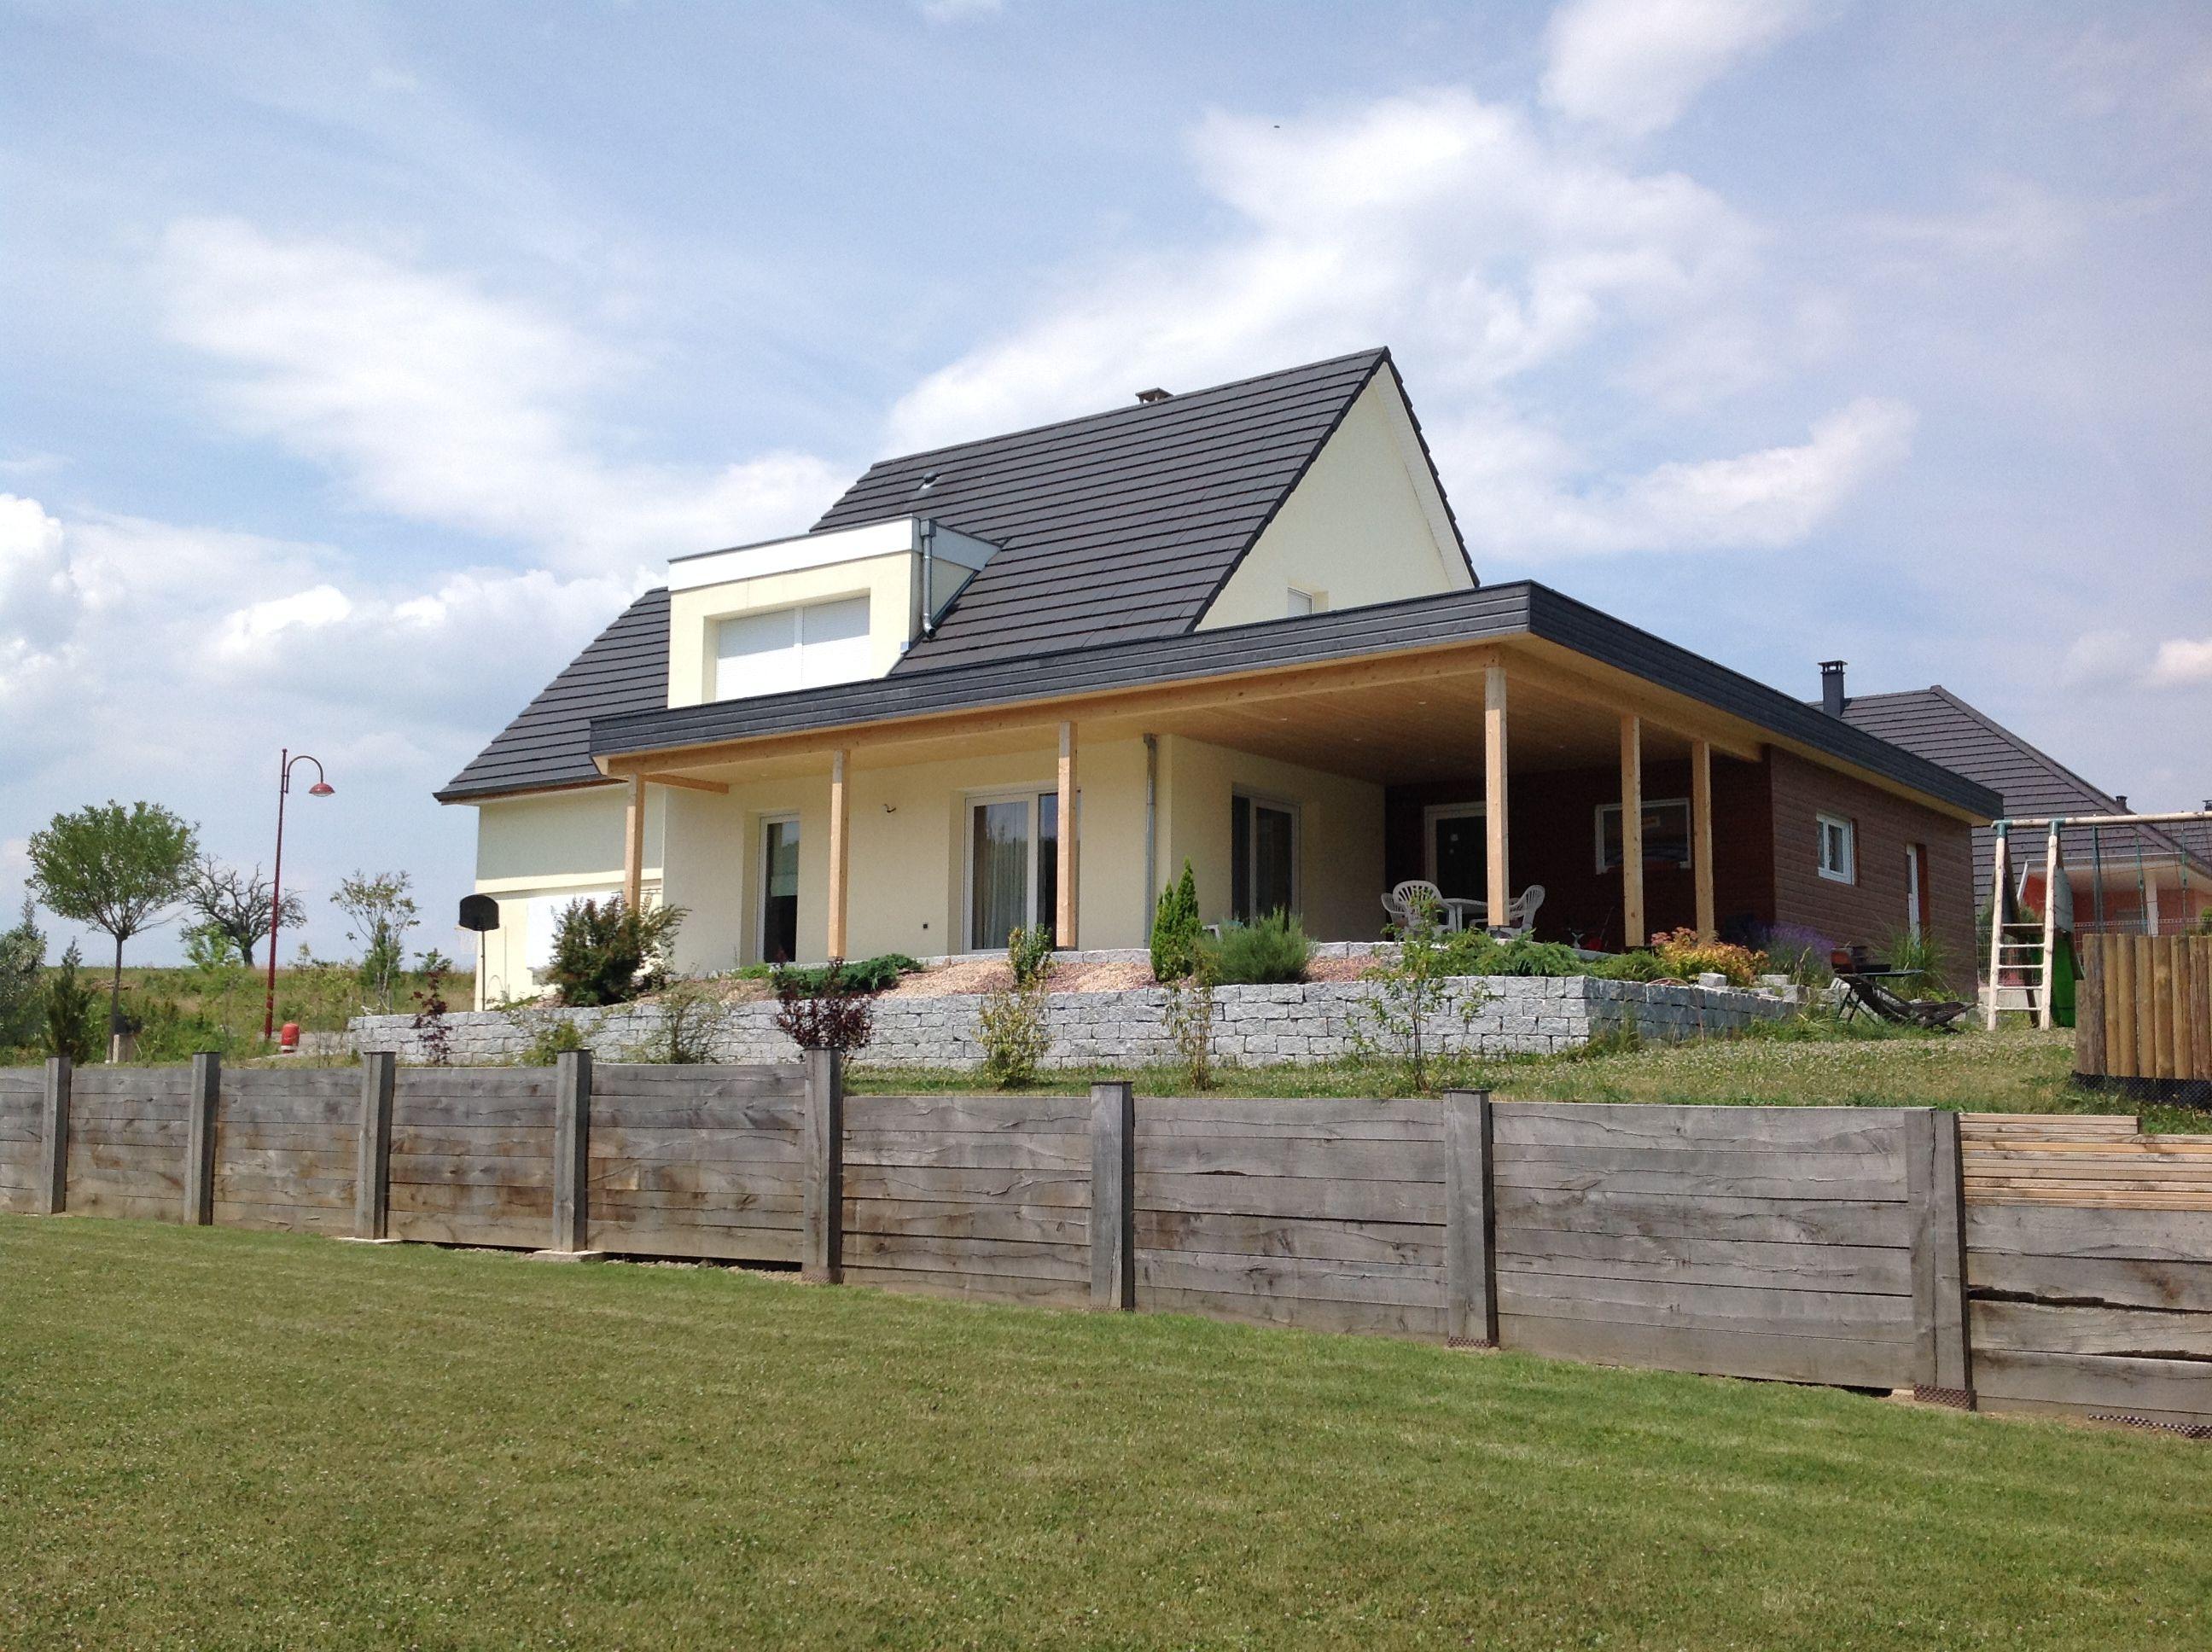 c 39 est une grande terrasse toit plat toute surface avec une couverture de type membrane pvc. Black Bedroom Furniture Sets. Home Design Ideas